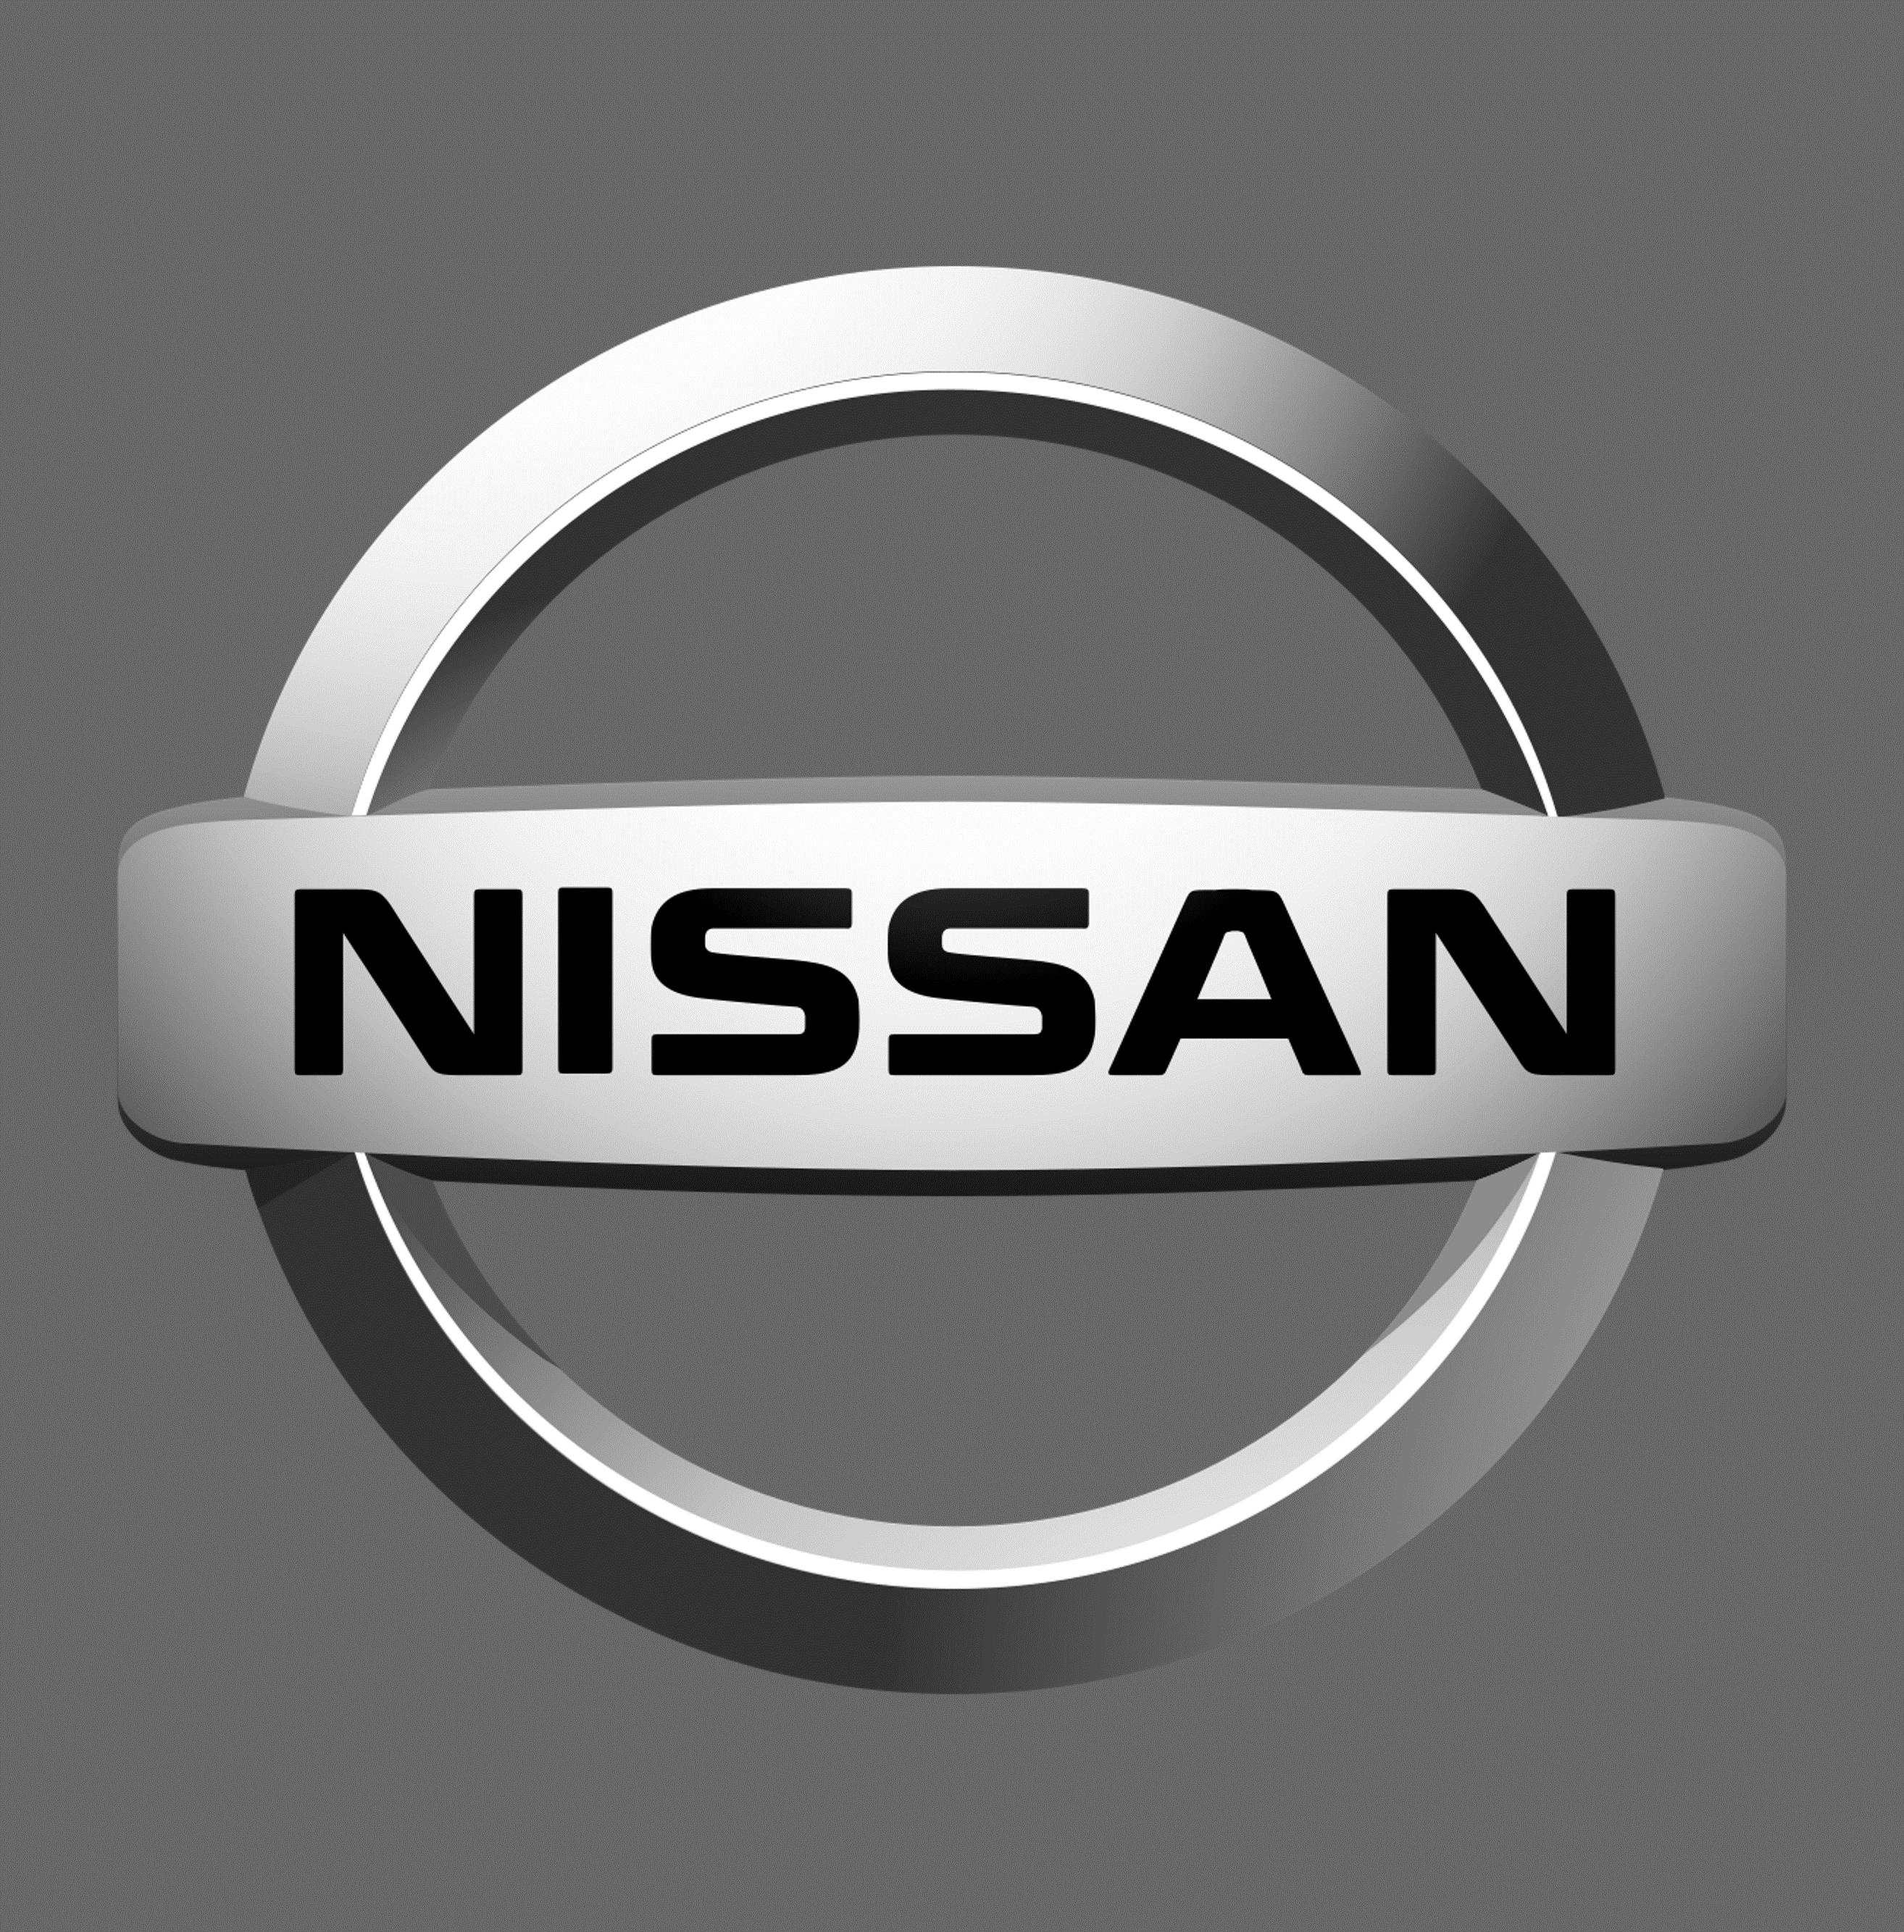 לוגואים של לקוחות: ניסון